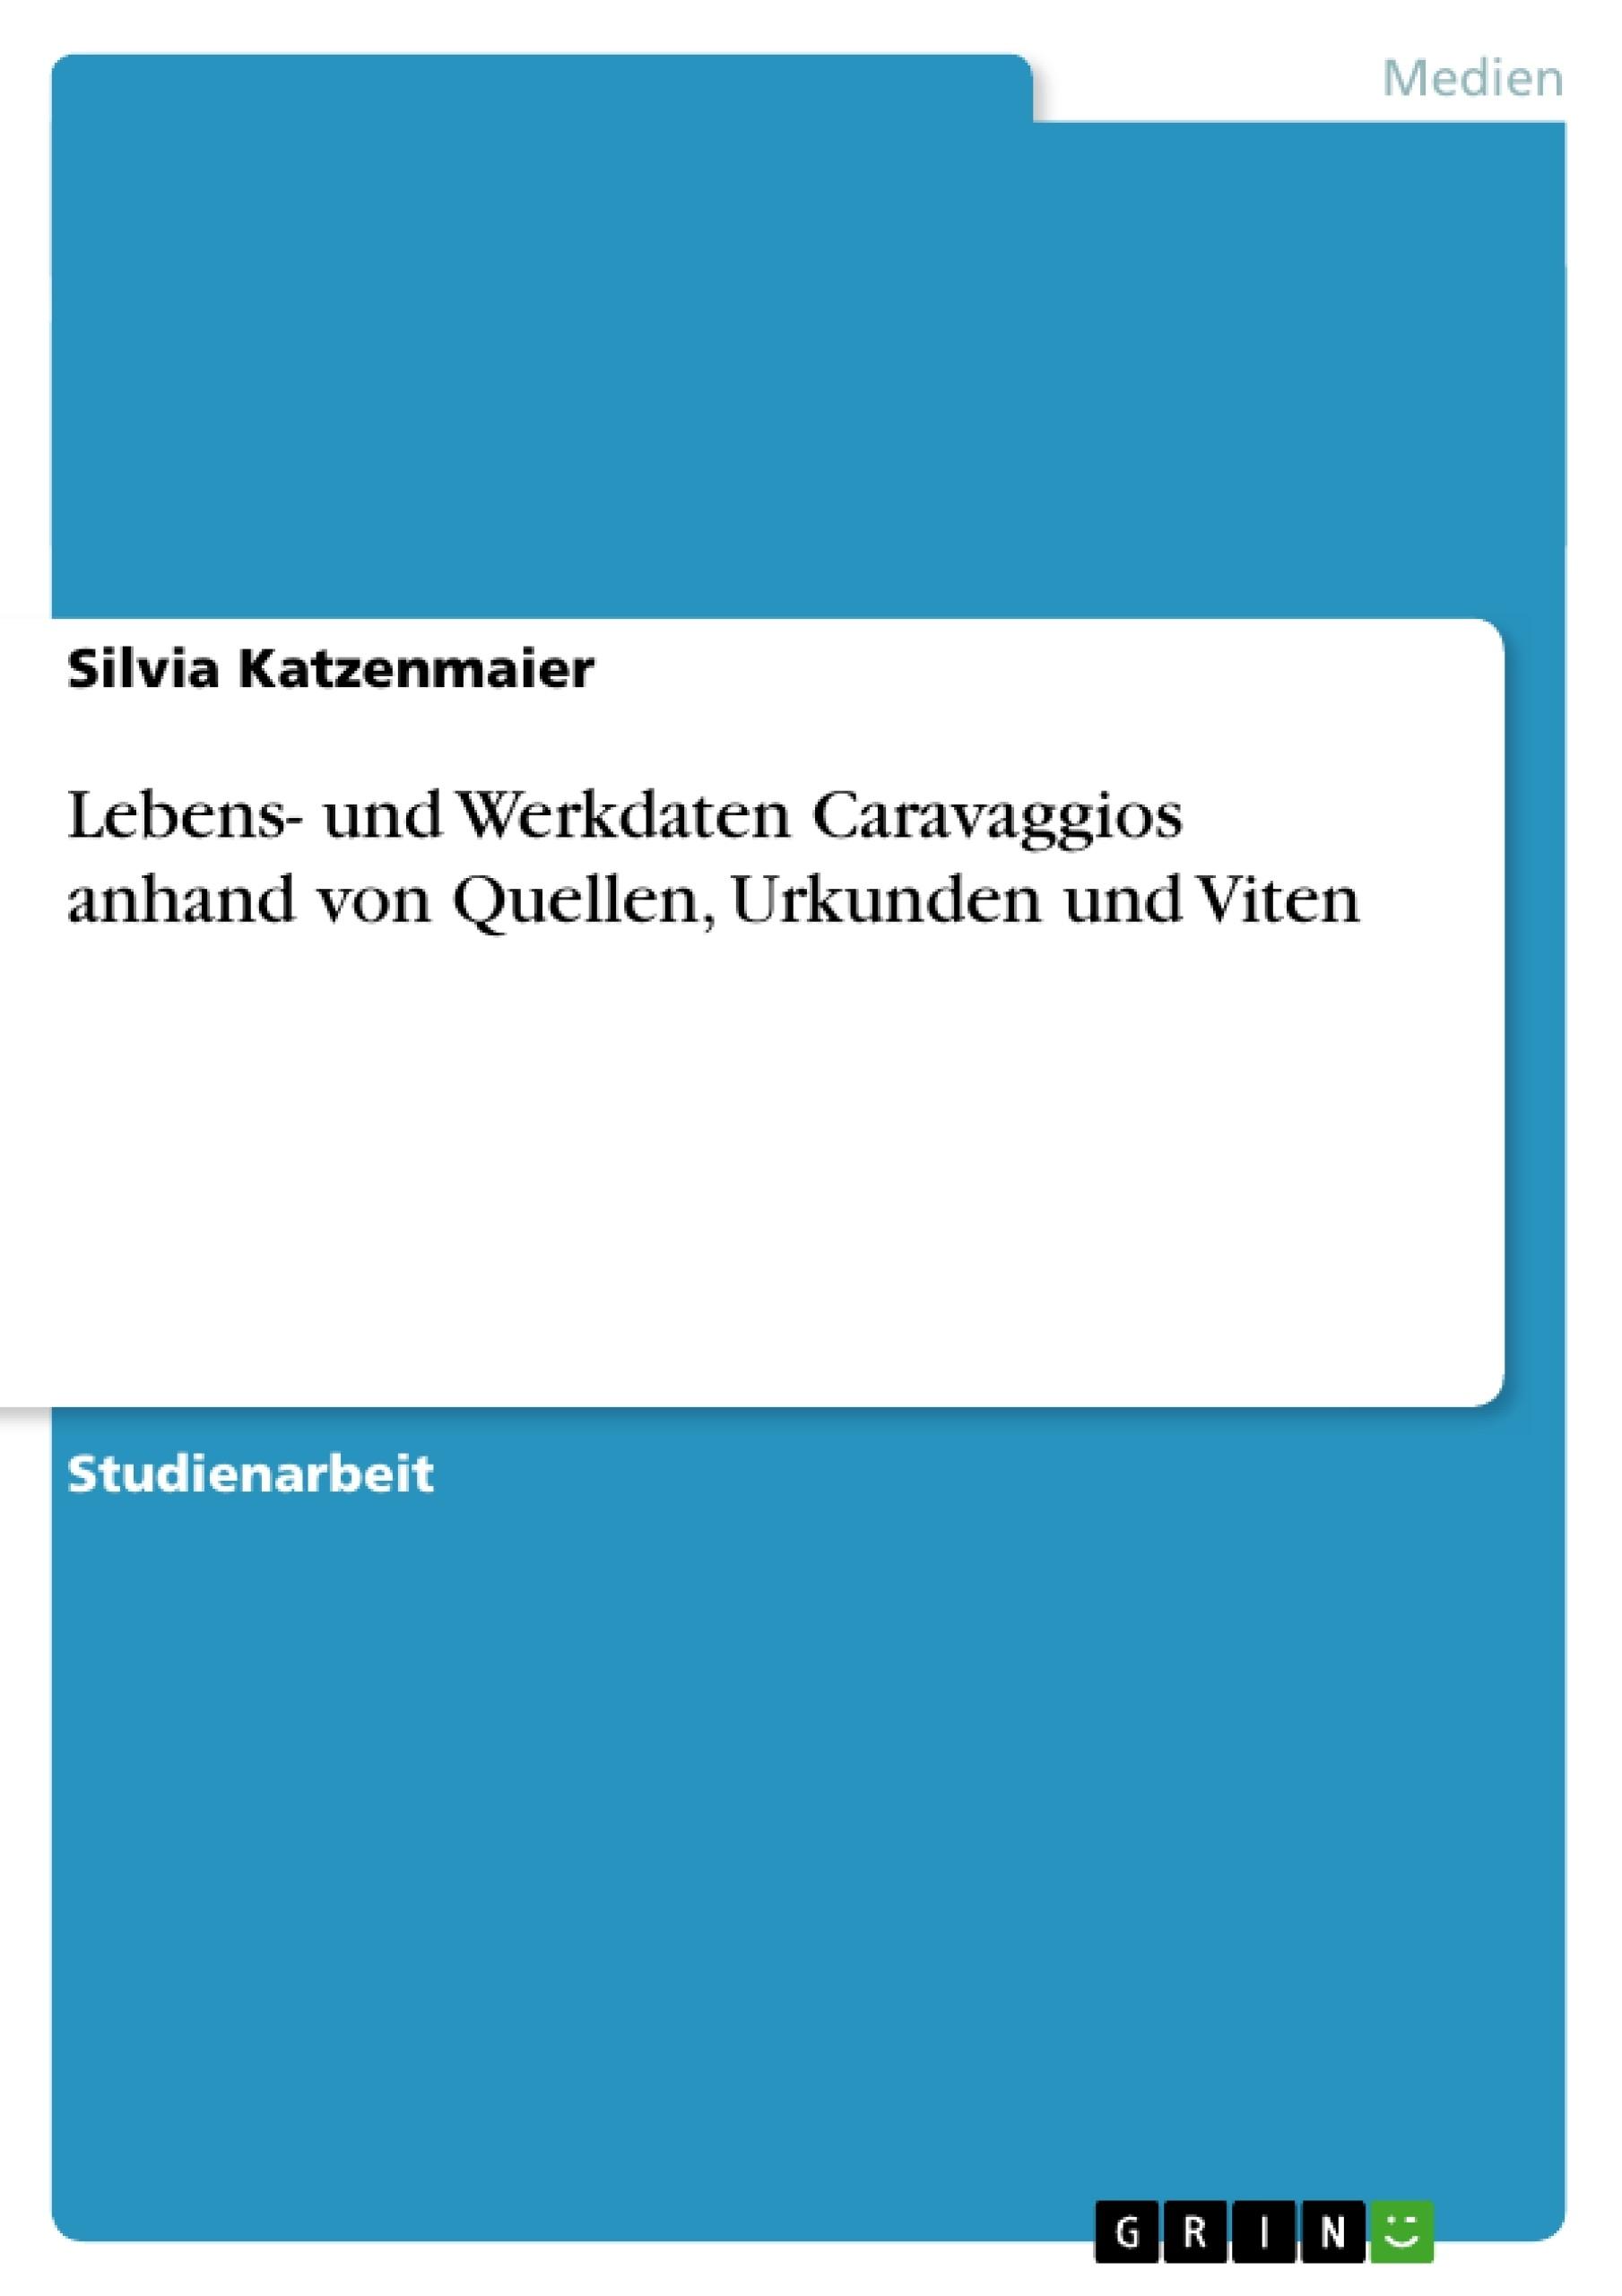 Titel: Lebens- und Werkdaten Caravaggios anhand von Quellen, Urkunden und Viten